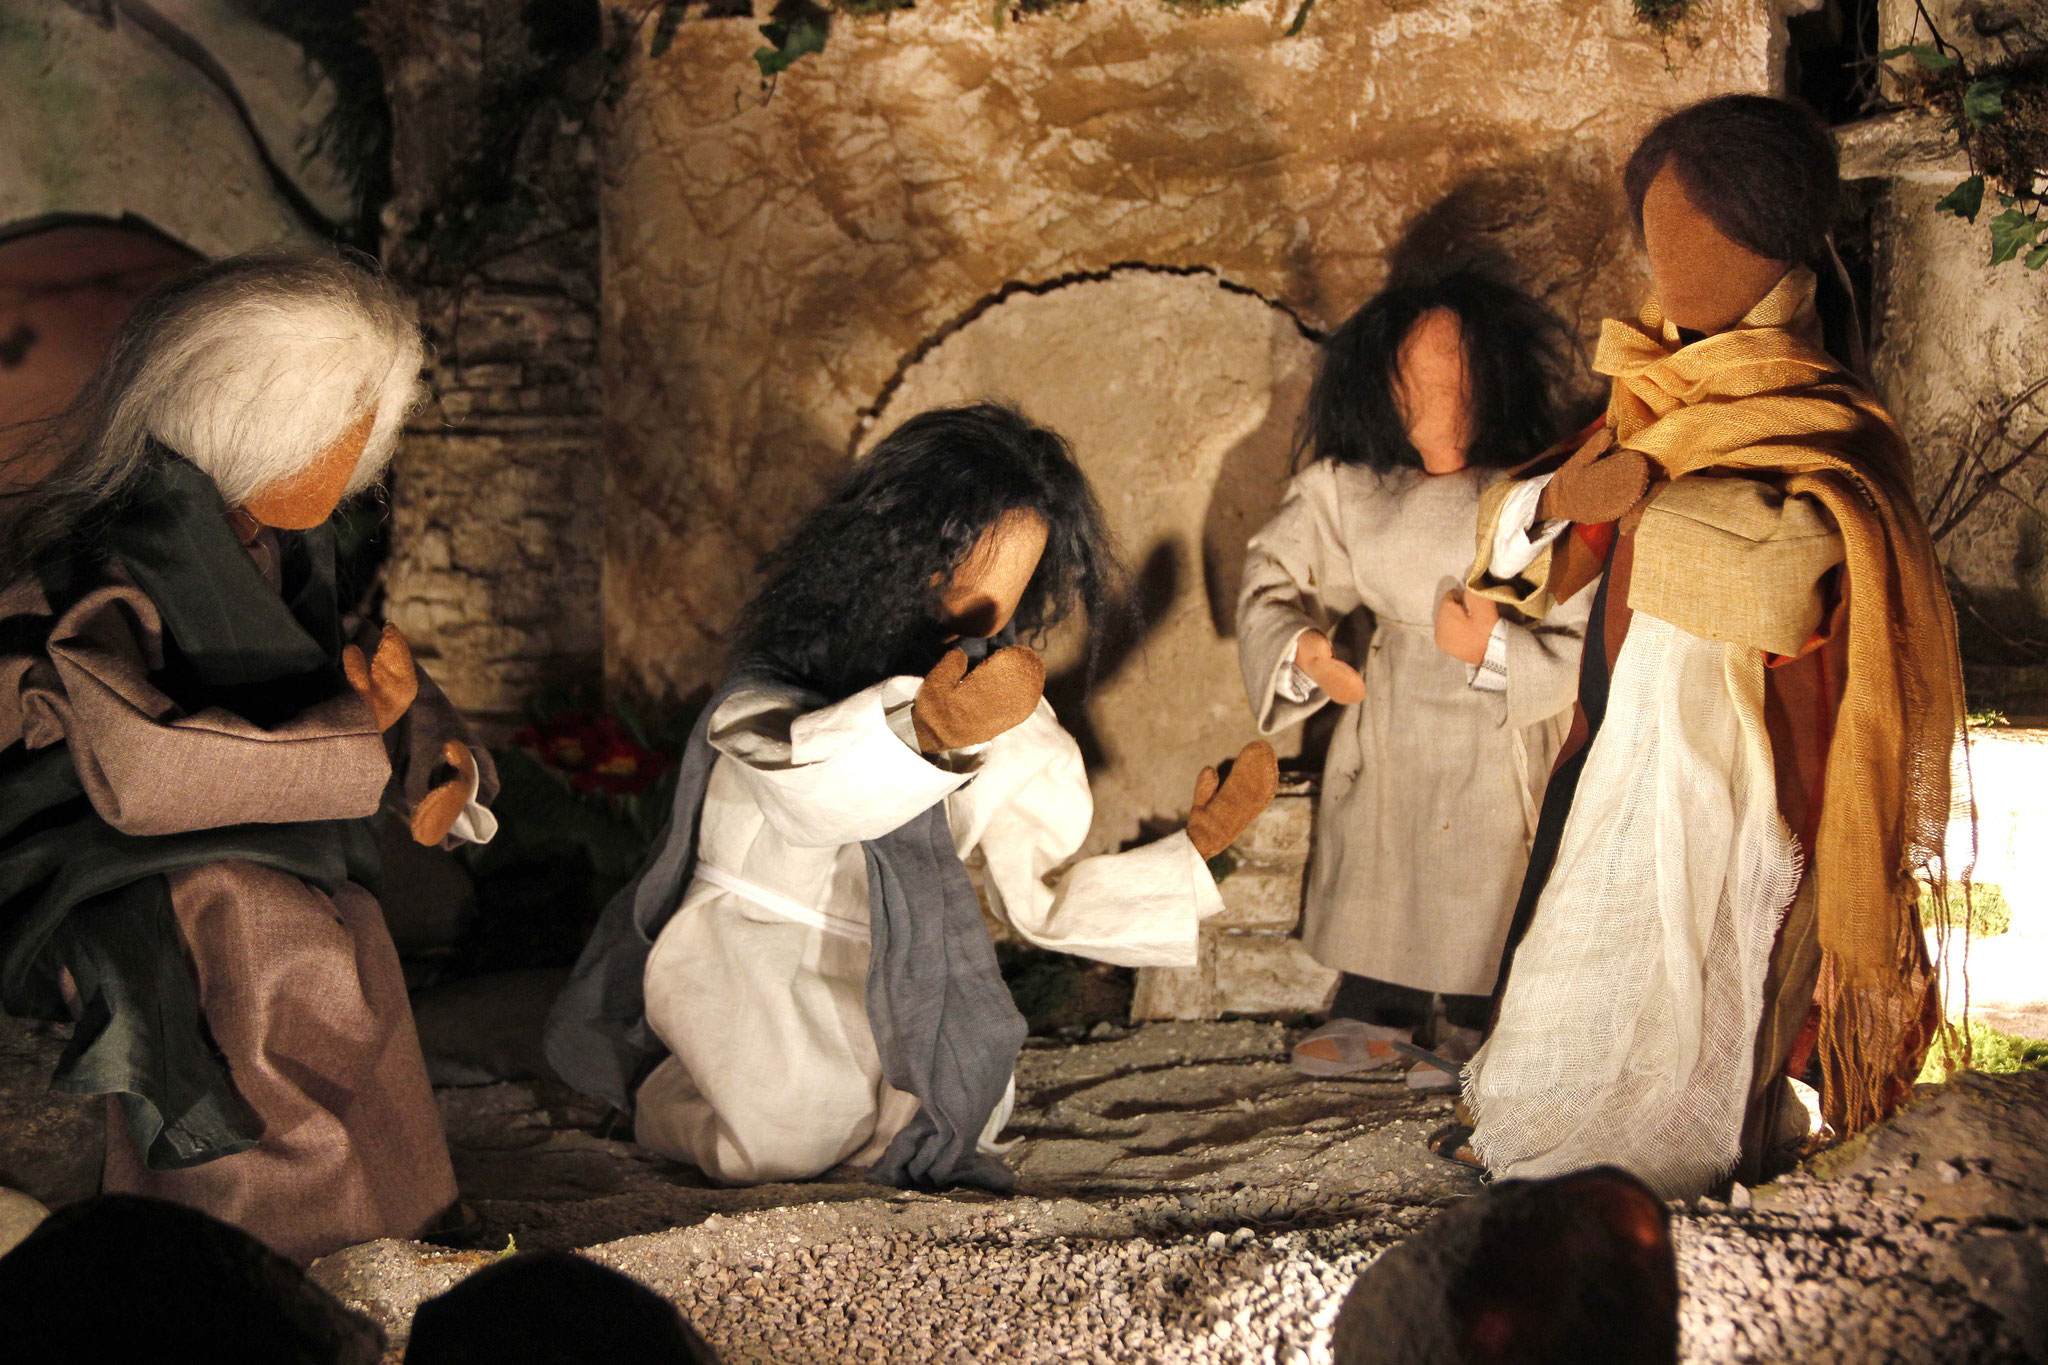 Jesus war im Innersten erregt und erschüttert. Er sagte: Wo habt ihr ihn bestattet? Sie antworteten ihm: Herr, komm und sieh! Da weinte Jesus. Die Juden sagten: Seht, wie lieb er ihn hatte!